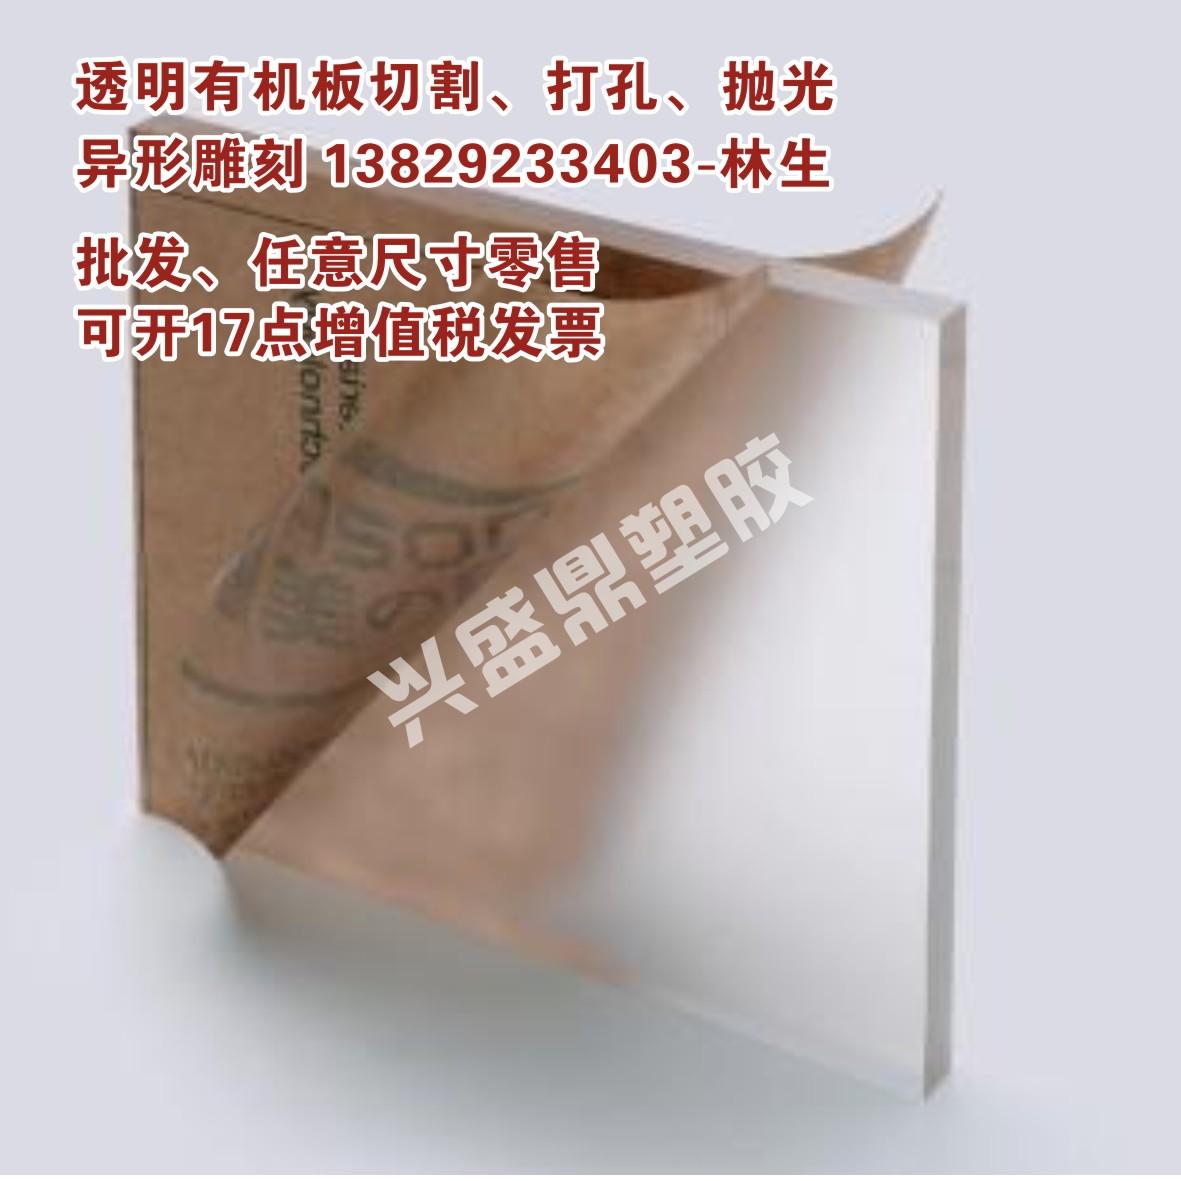 Piatti di Plastica trasparente della Lastra di Vetro acrilico. Il trattamento personalizzato organico di Dimensione arbitraria di taglio 1-100mm 121